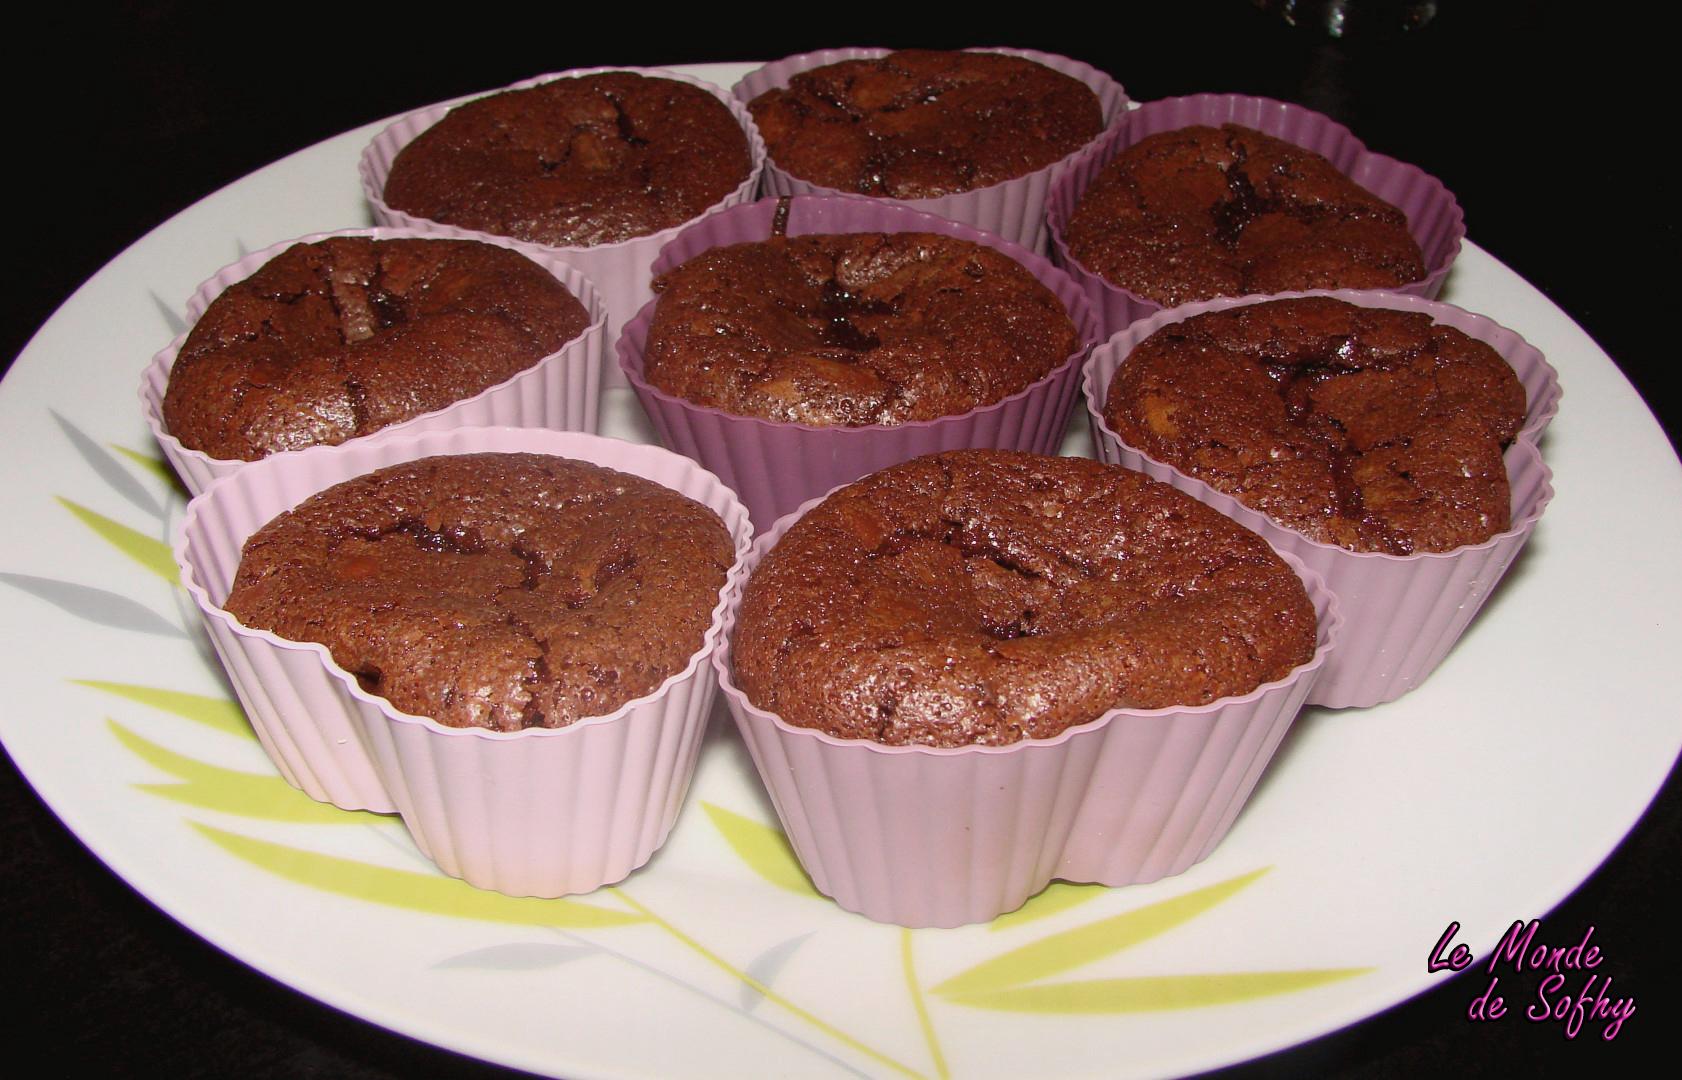 Le gâteau au chocolat ultra fondant de Sabine